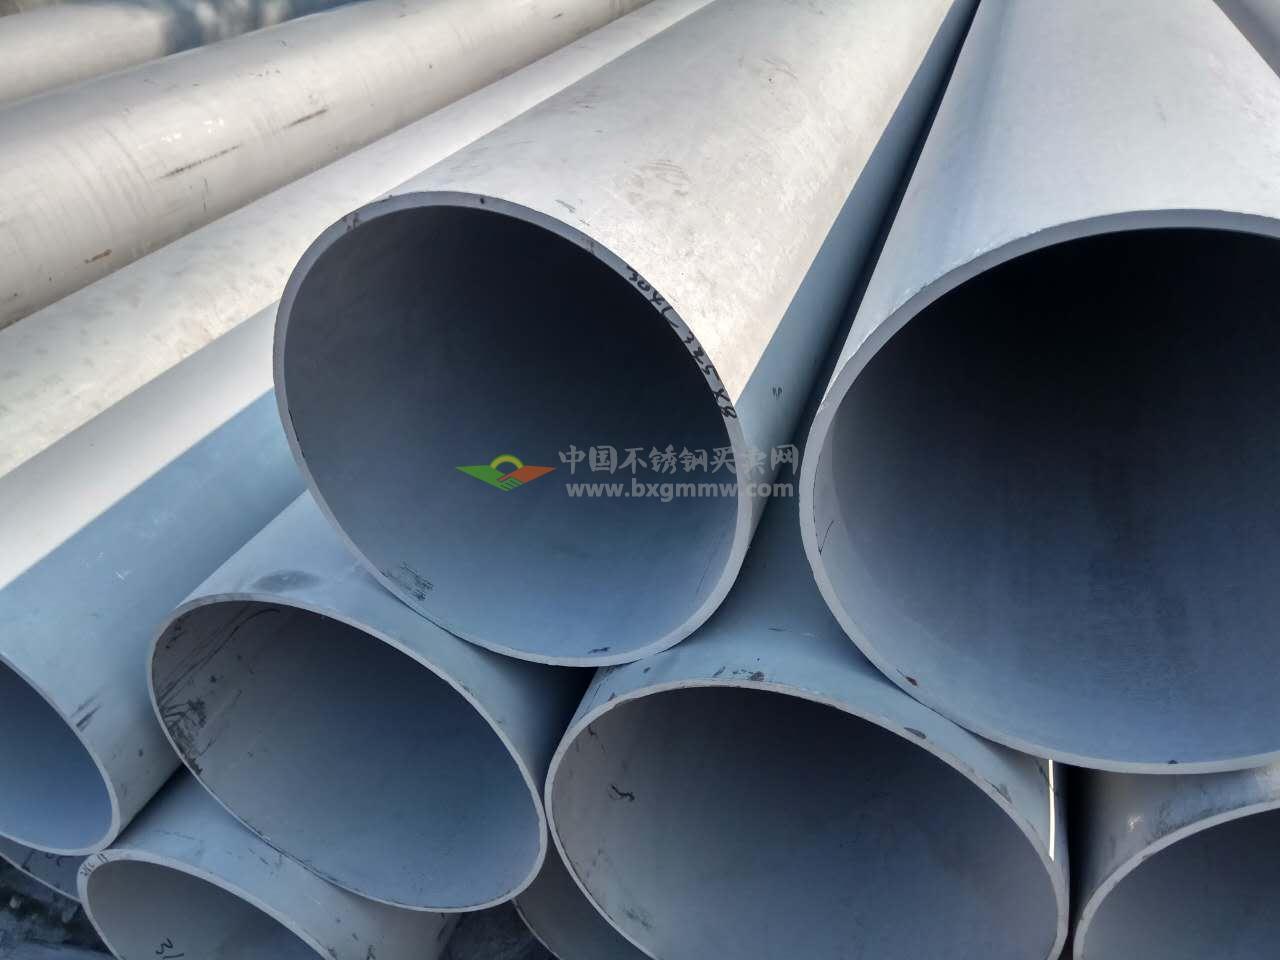 温州市龙湾永盛不锈钢有限公司